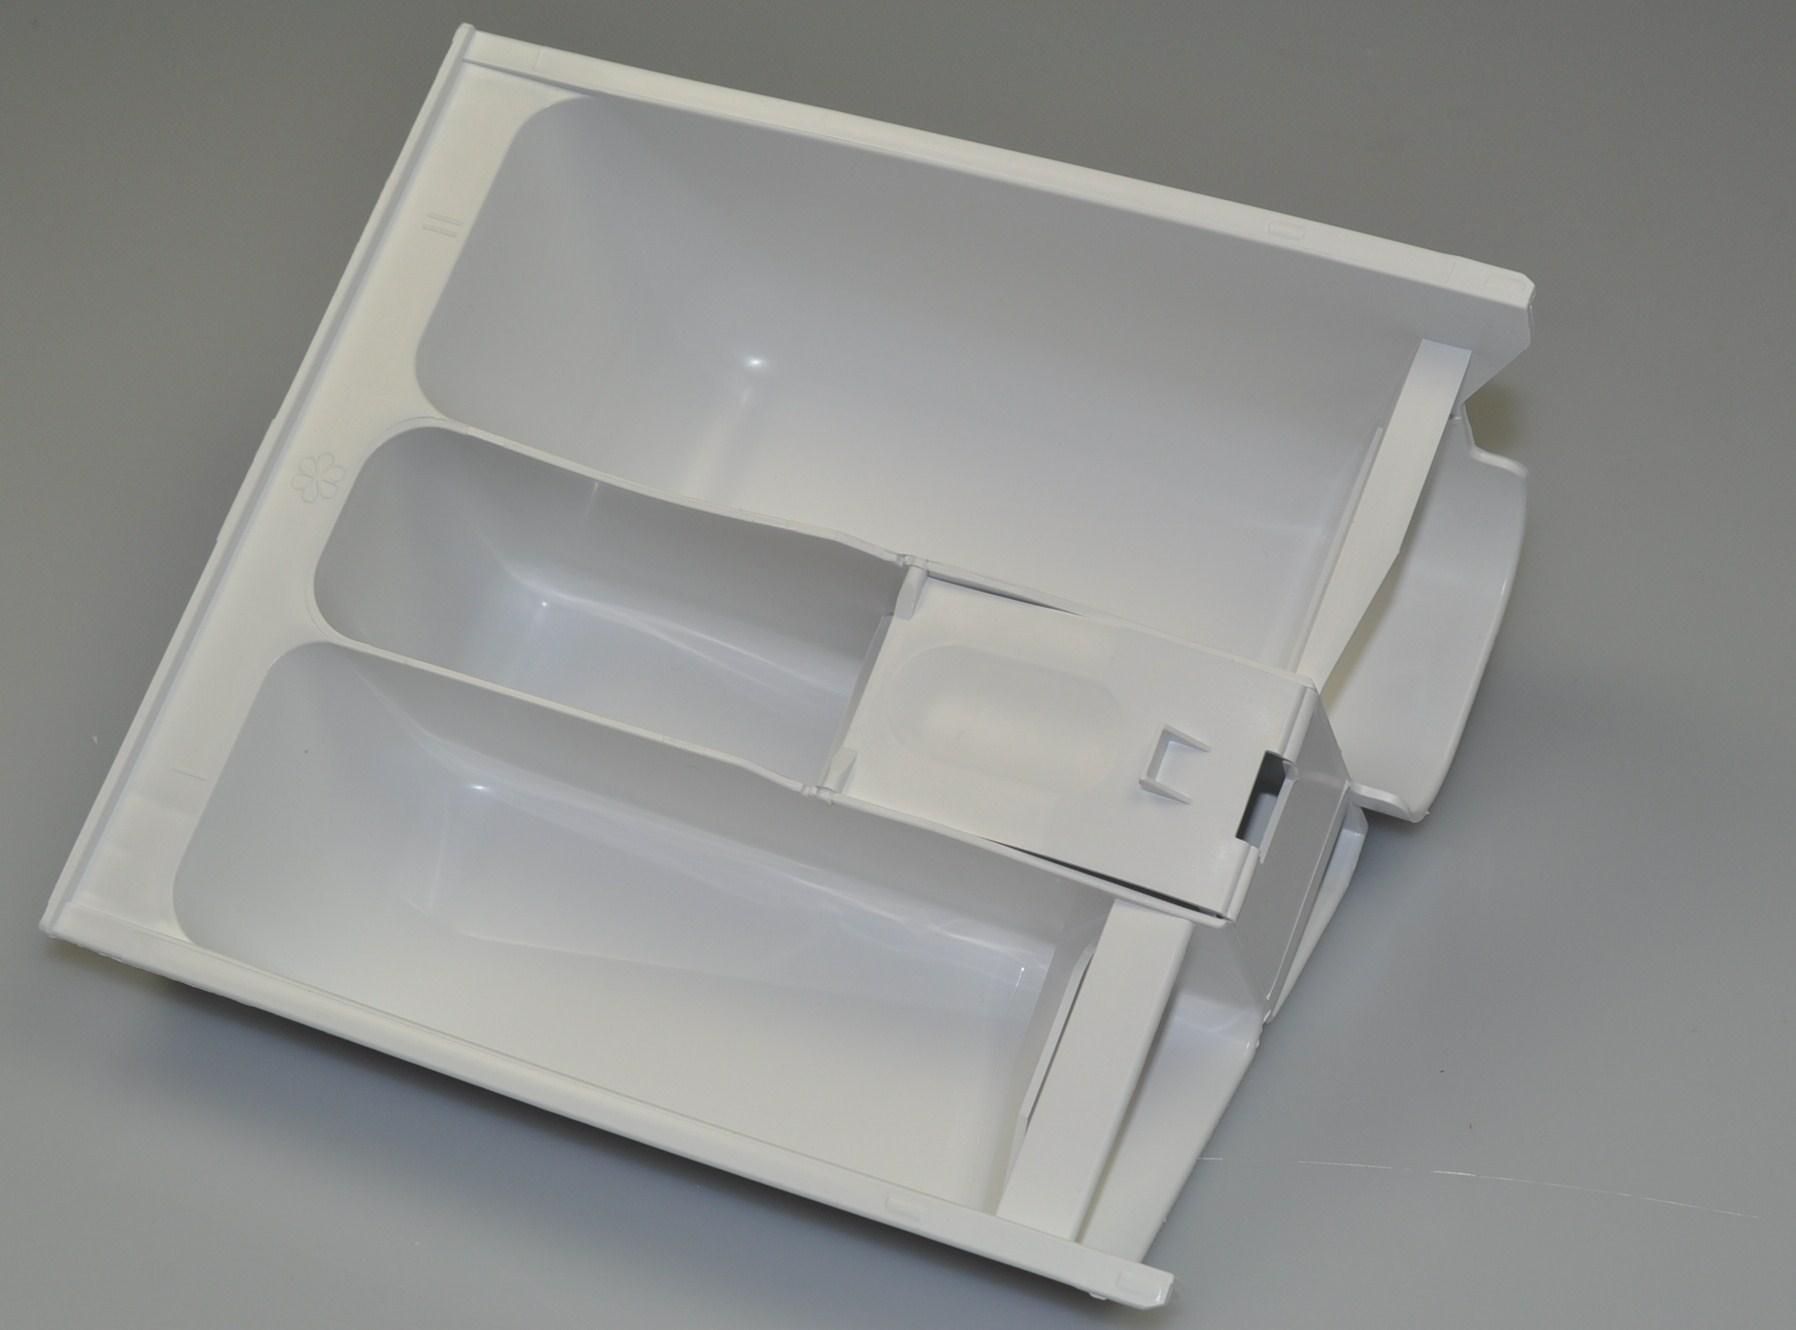 einsp lkasten bosch waschmaschine ohne griff. Black Bedroom Furniture Sets. Home Design Ideas